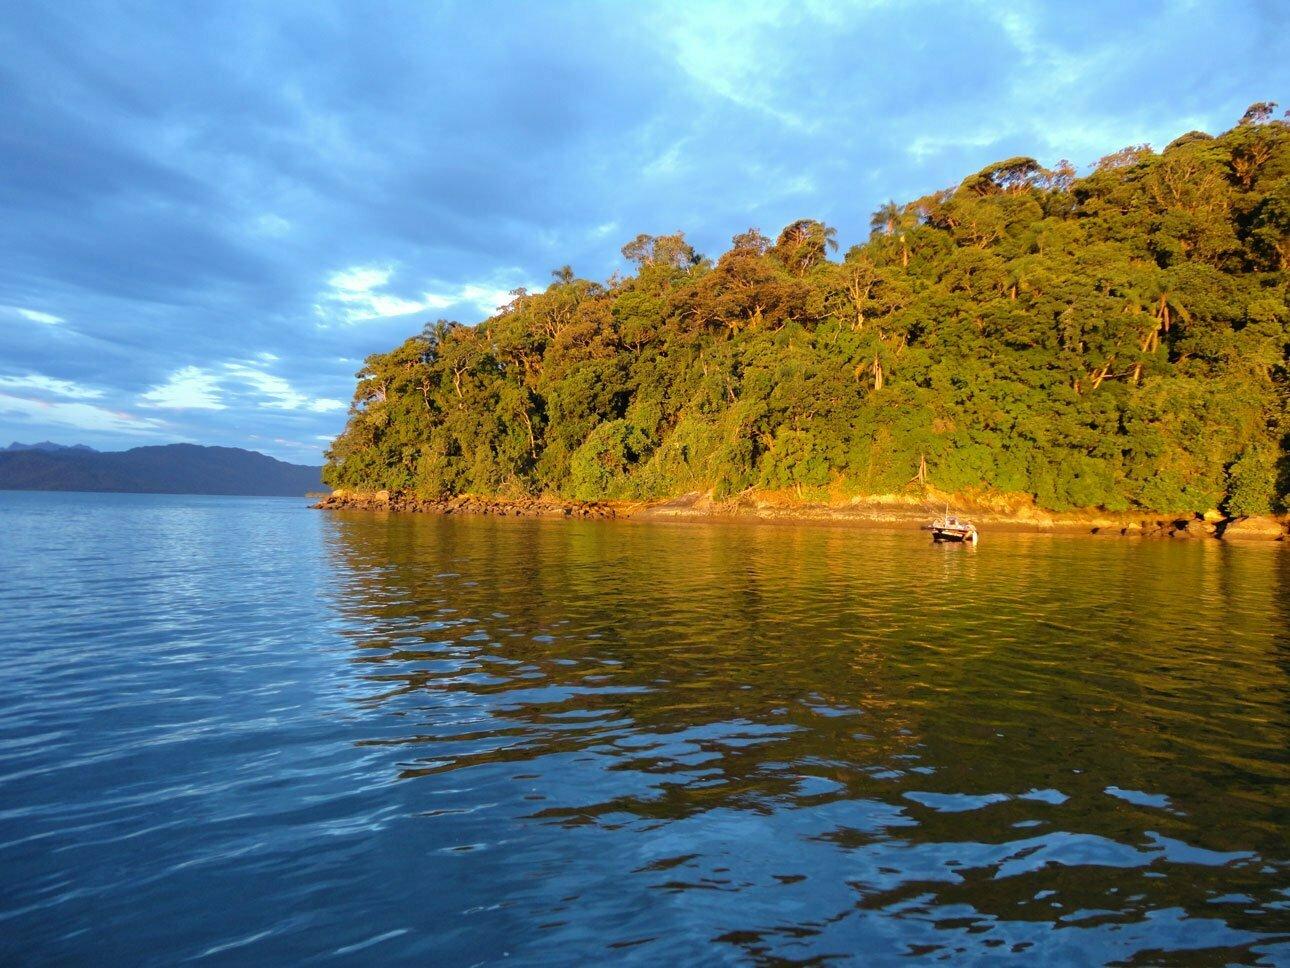 Lei do Snuc, imagem de parque nacional